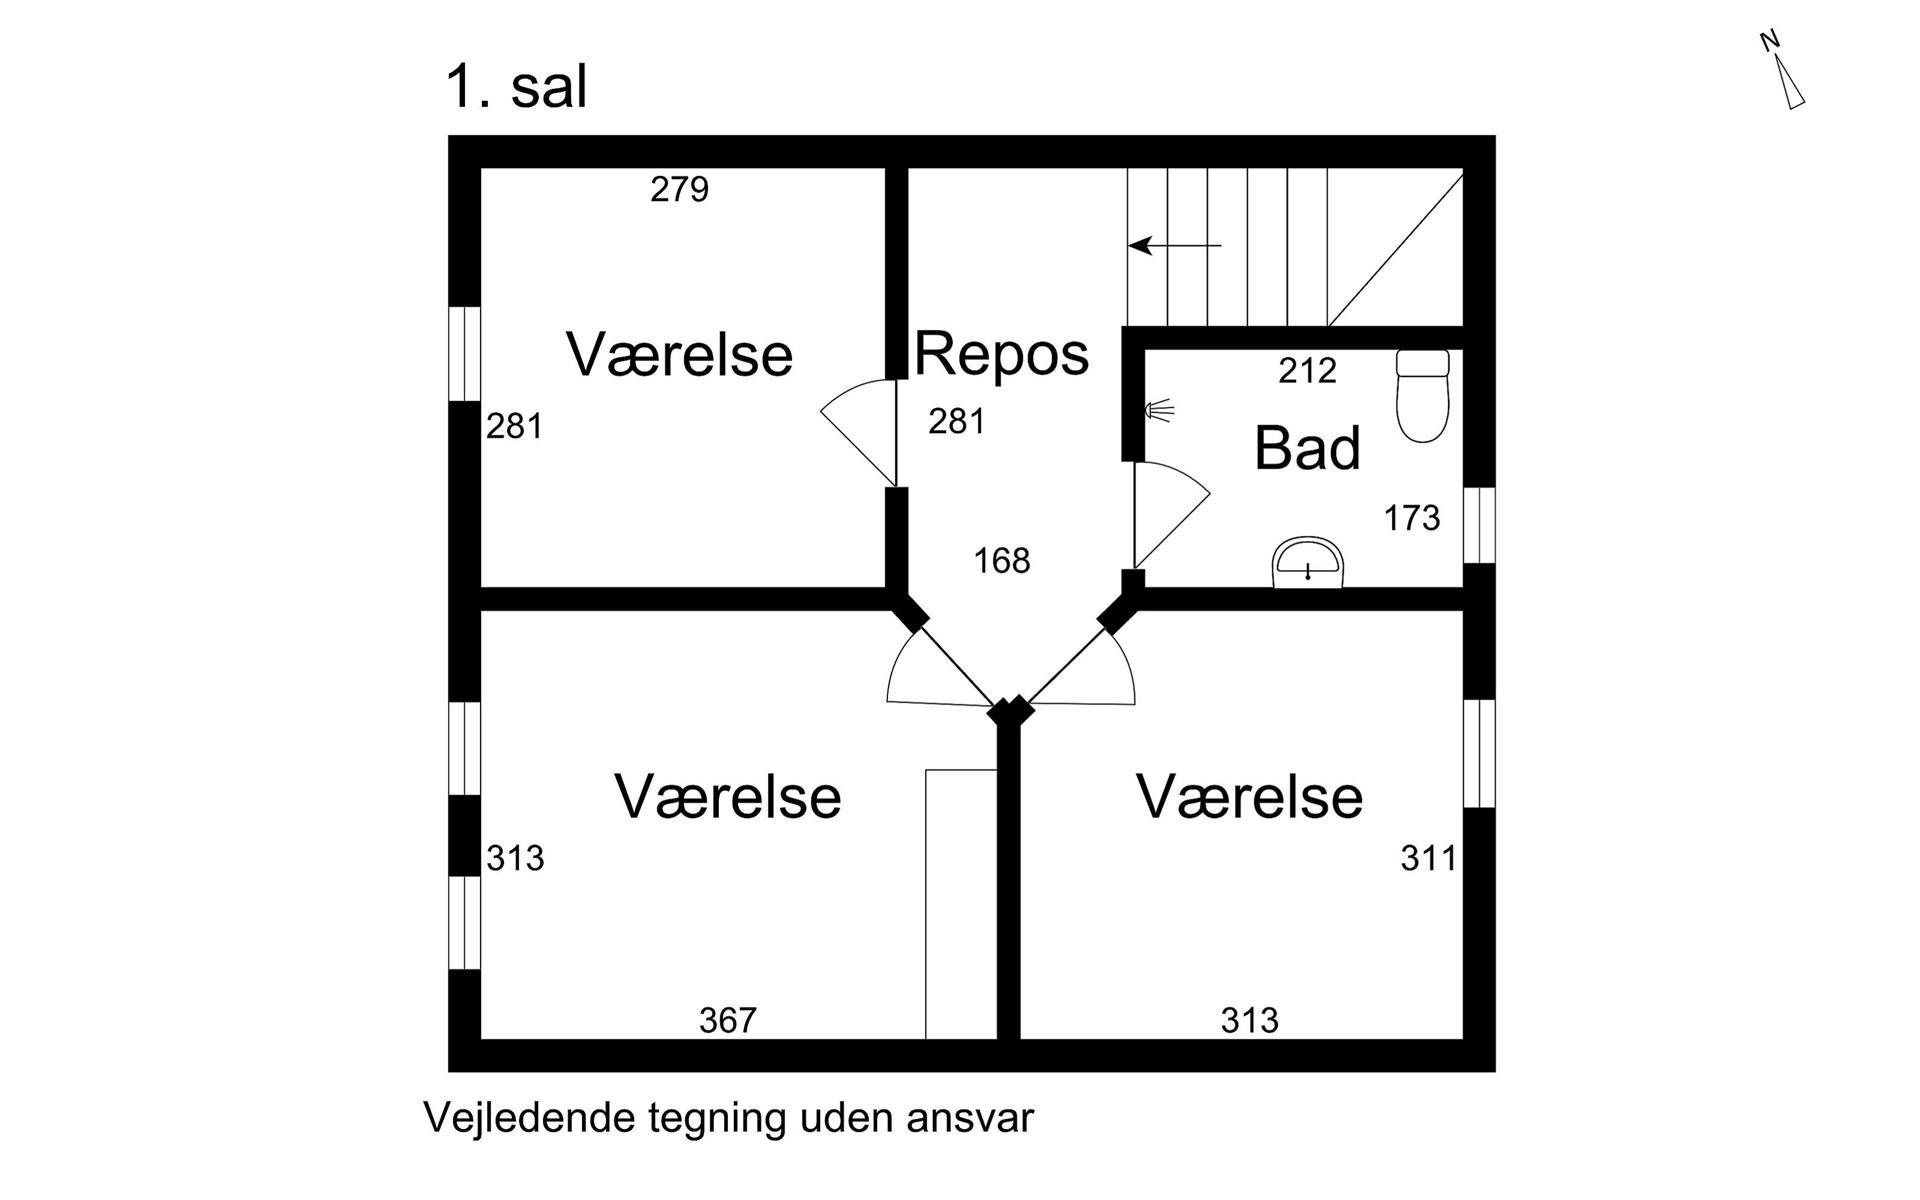 Rækkehus på Revvej i Korsør - 1. sal